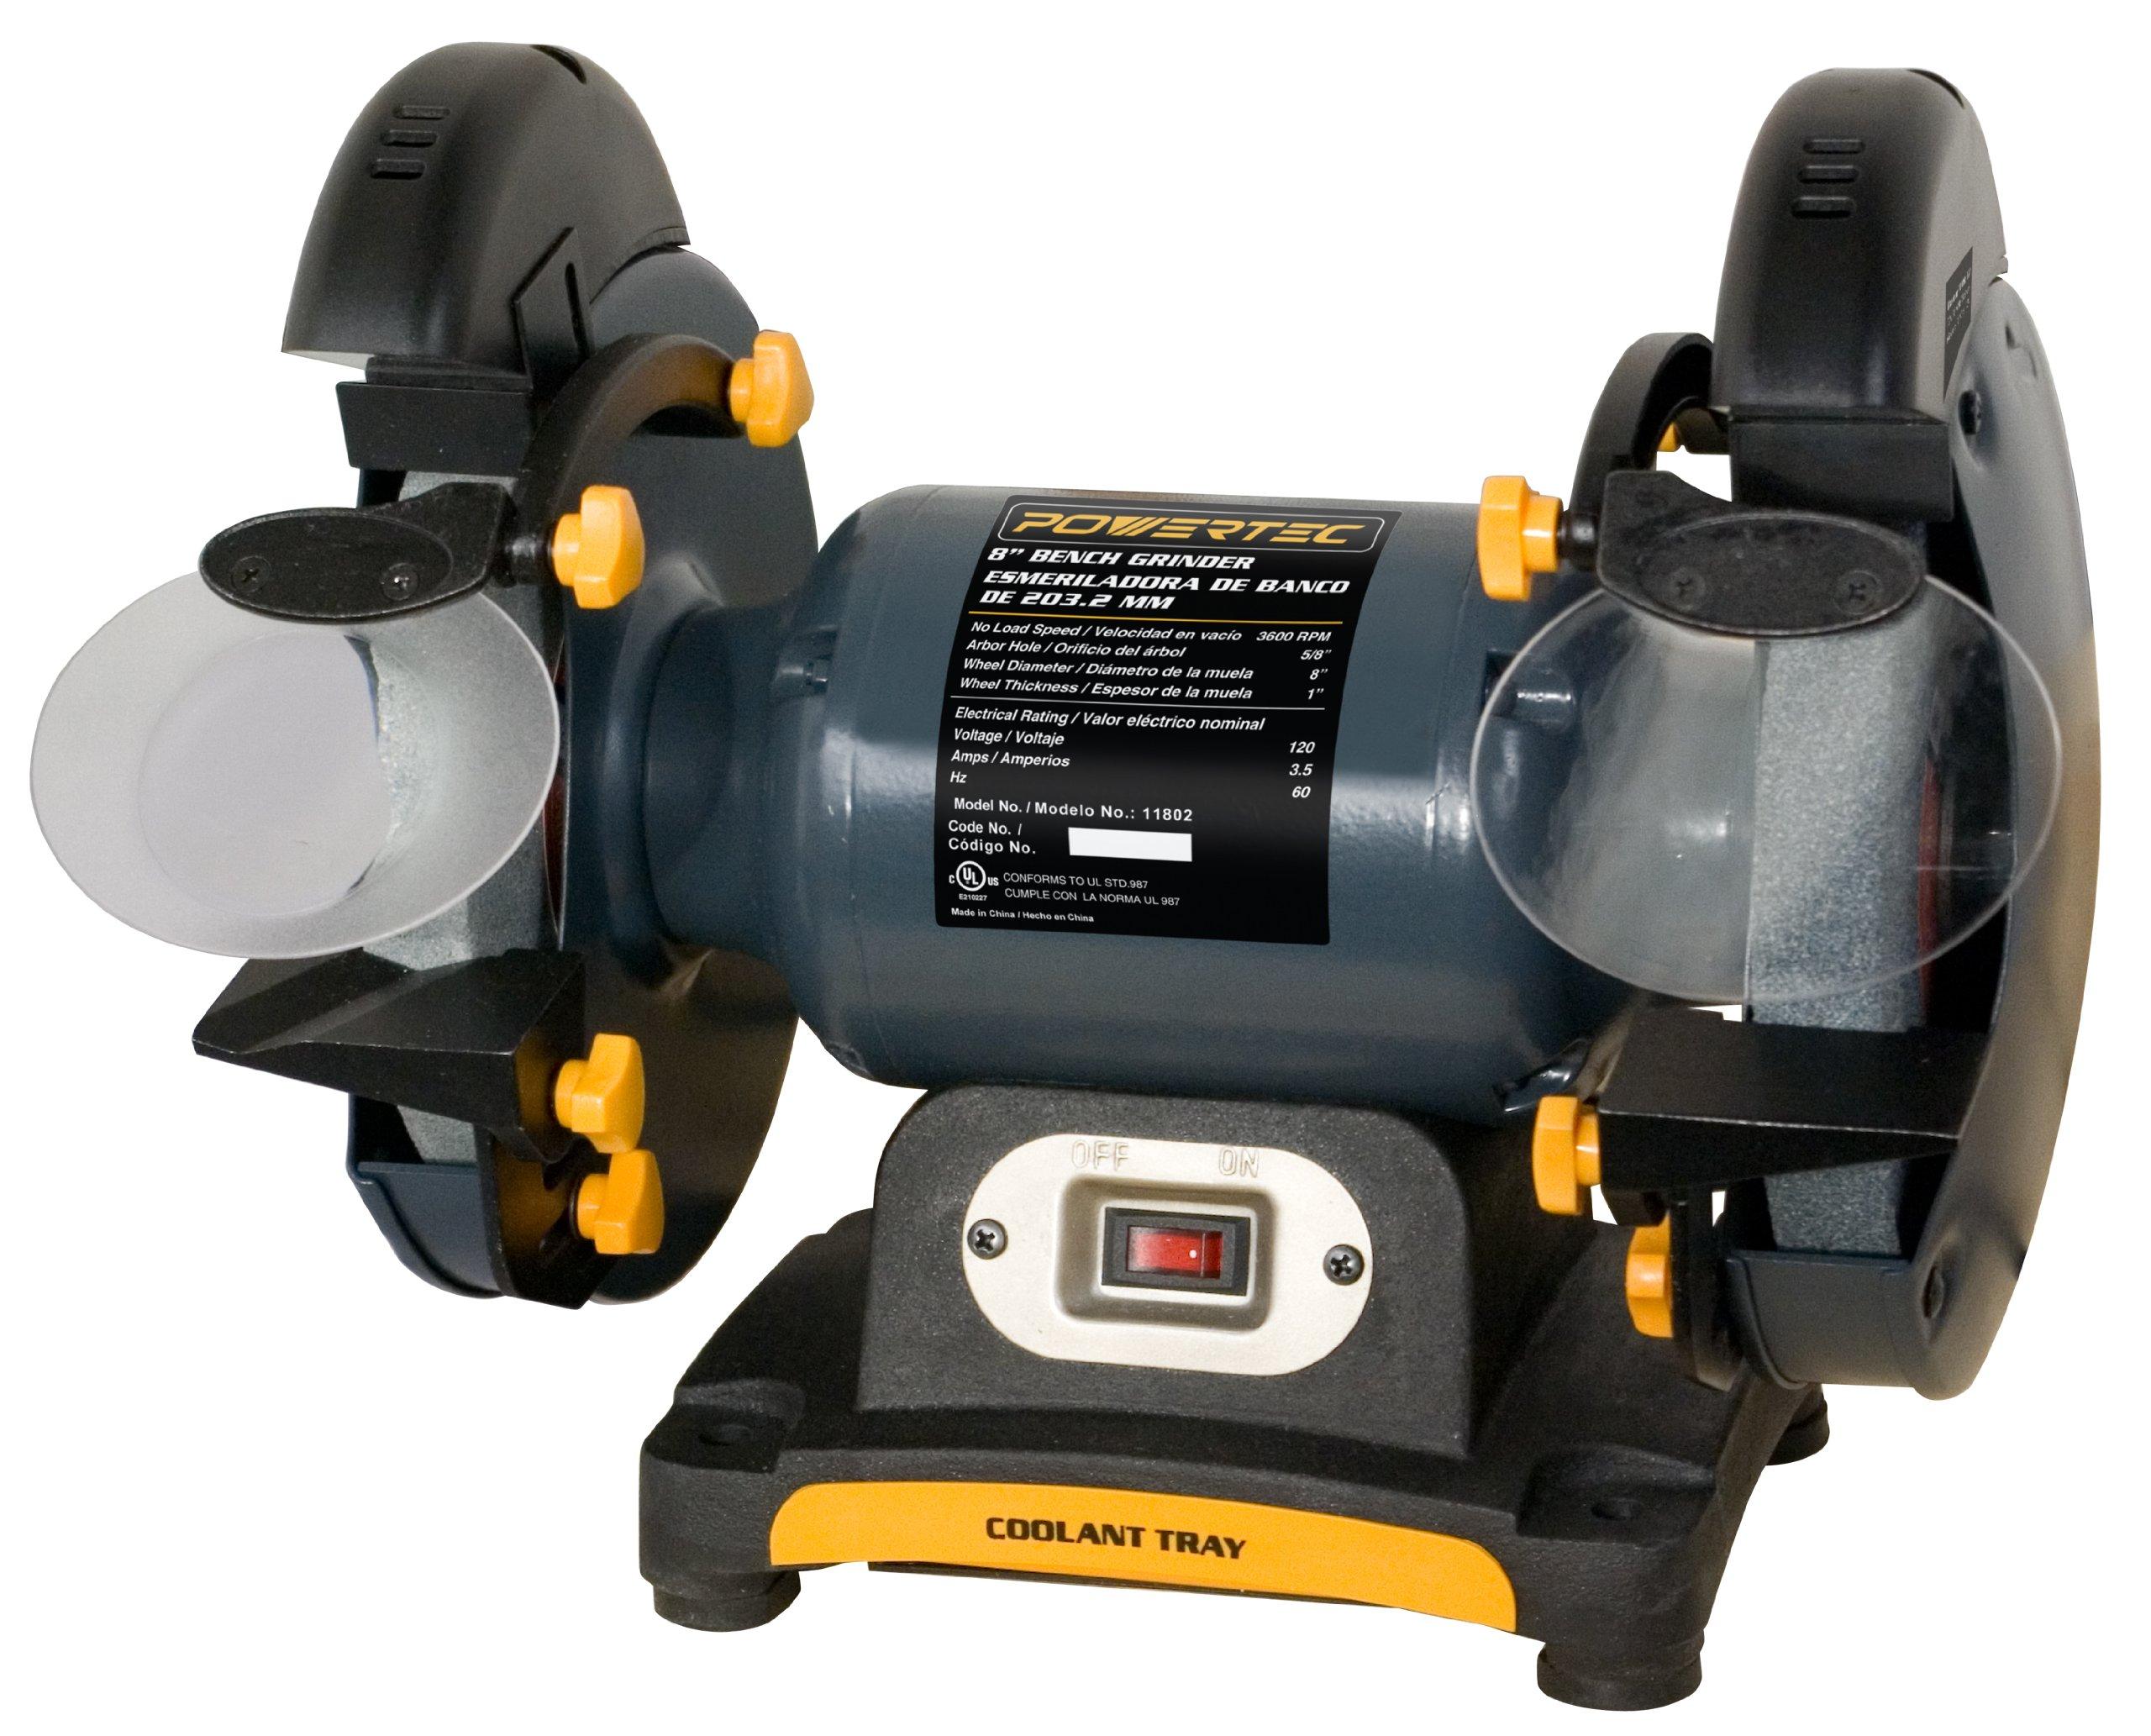 POWERTEC BG800 Bench Grinder, 8-Inch